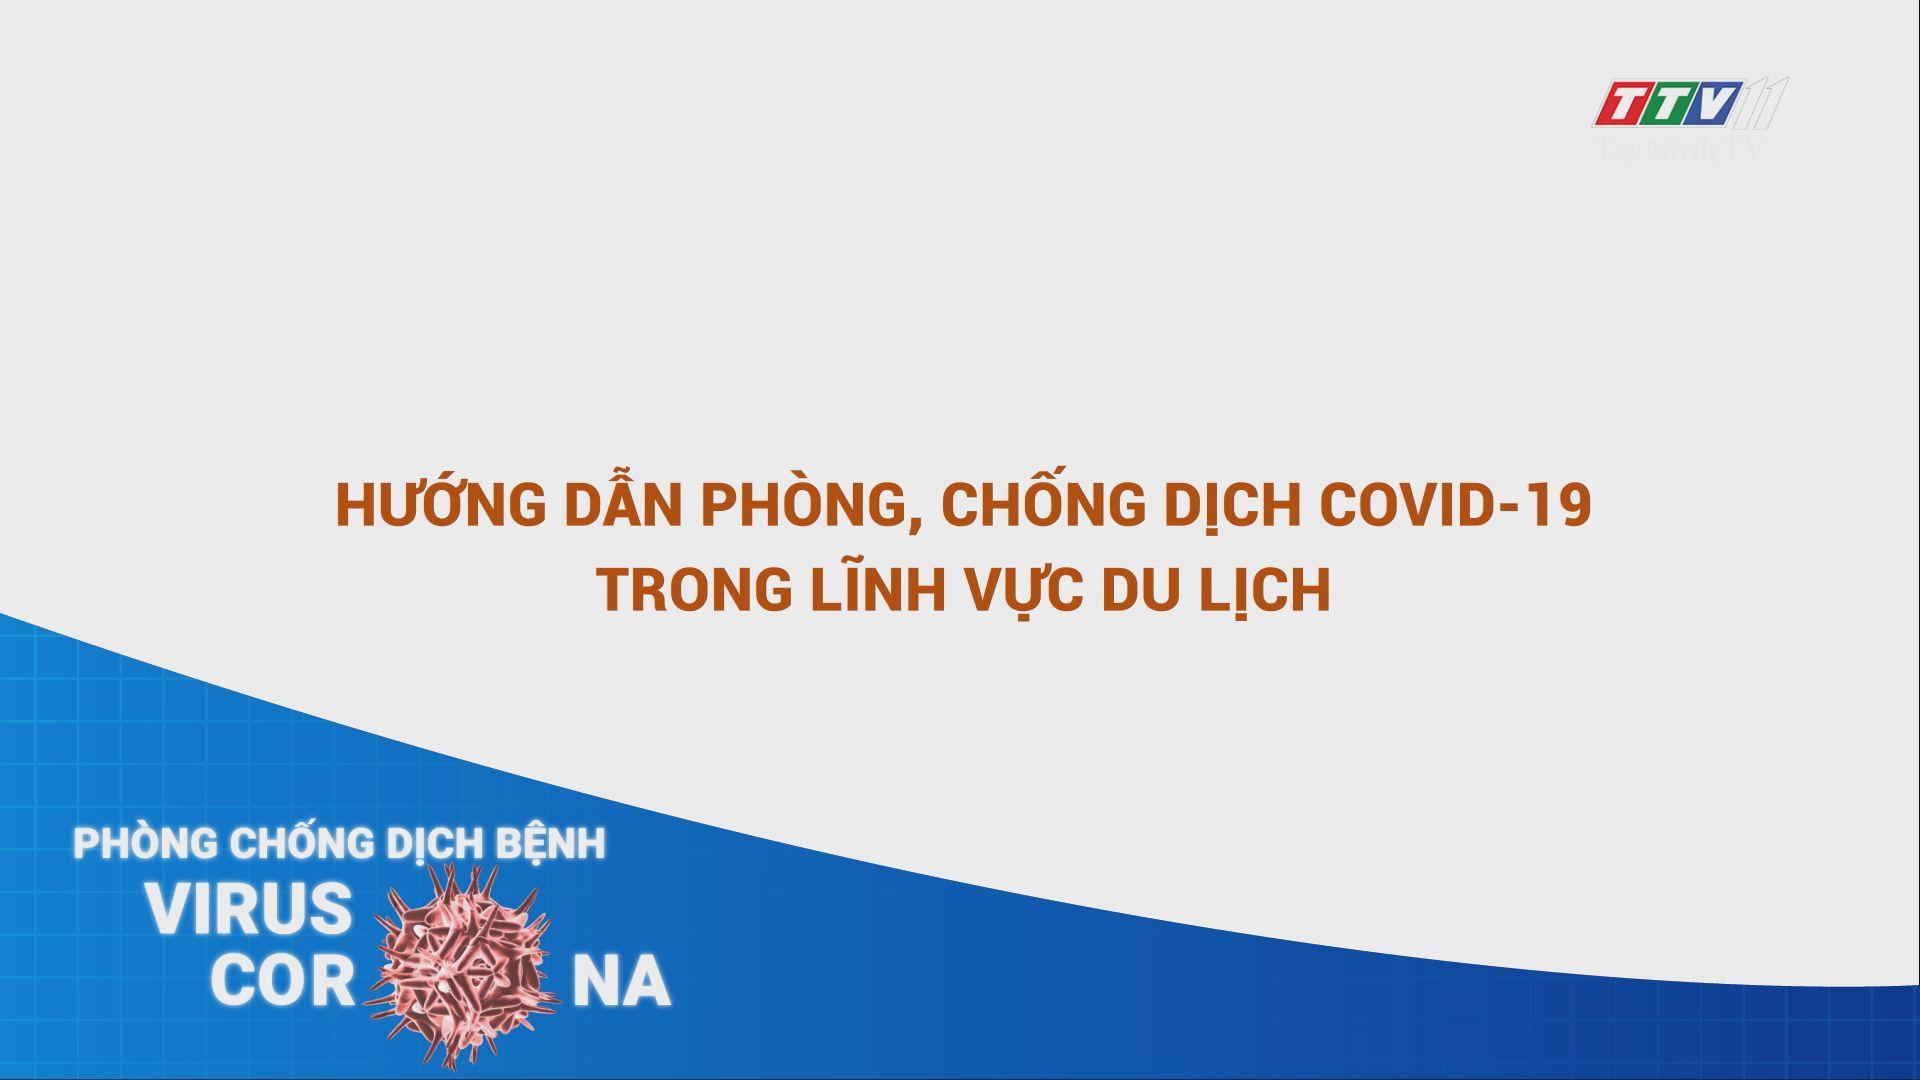 Hướng dẫn phòng chống dịch Covid-19 trong lĩnh vực du lịch   THÔNG TIN DỊCH CÚM COVID-19   TayNinhTV